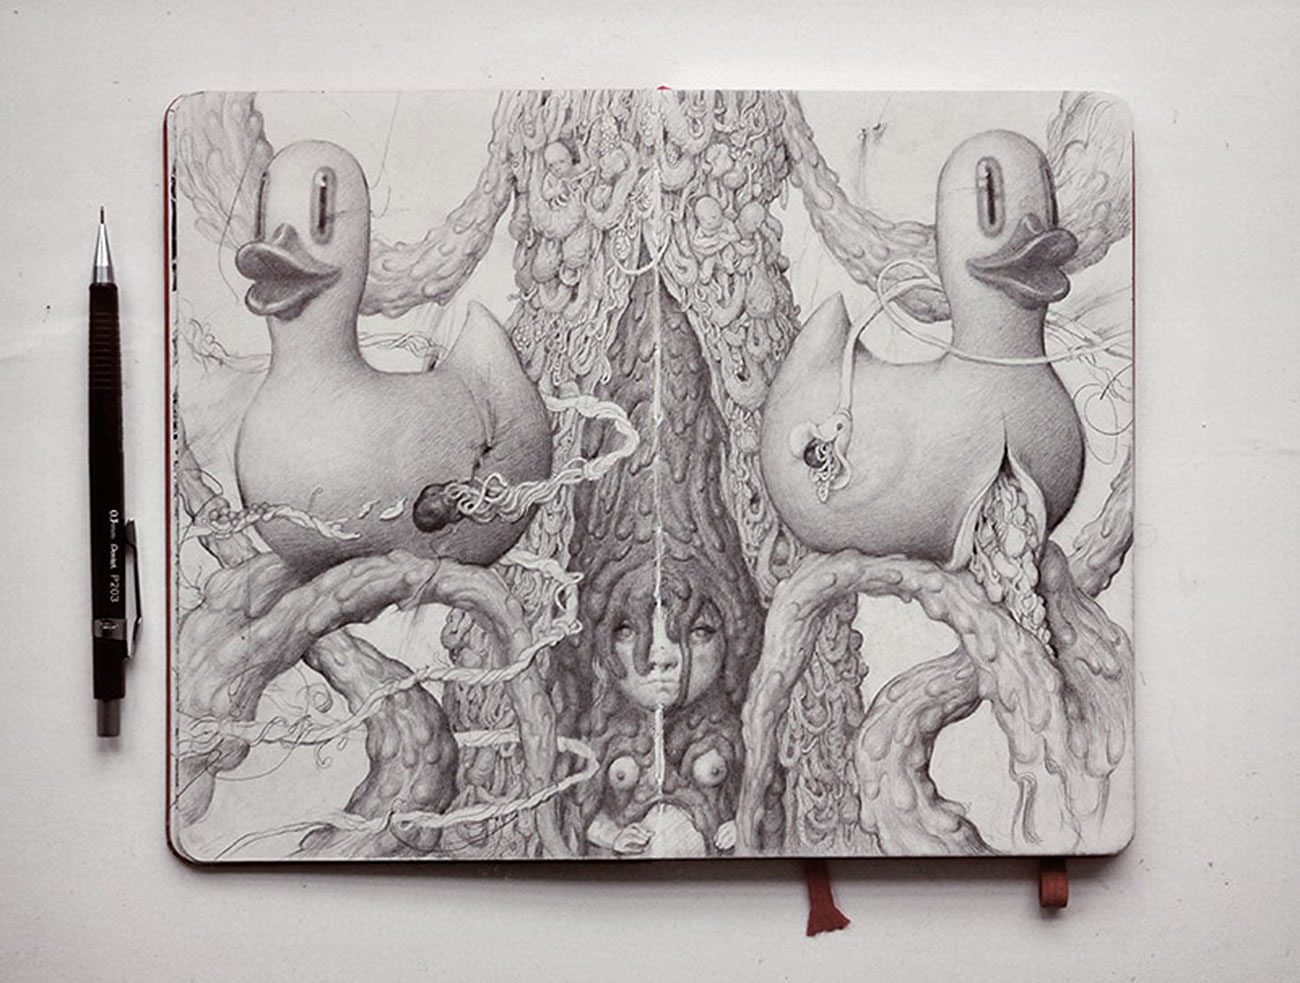 sketchbook drawing by anton vill 4